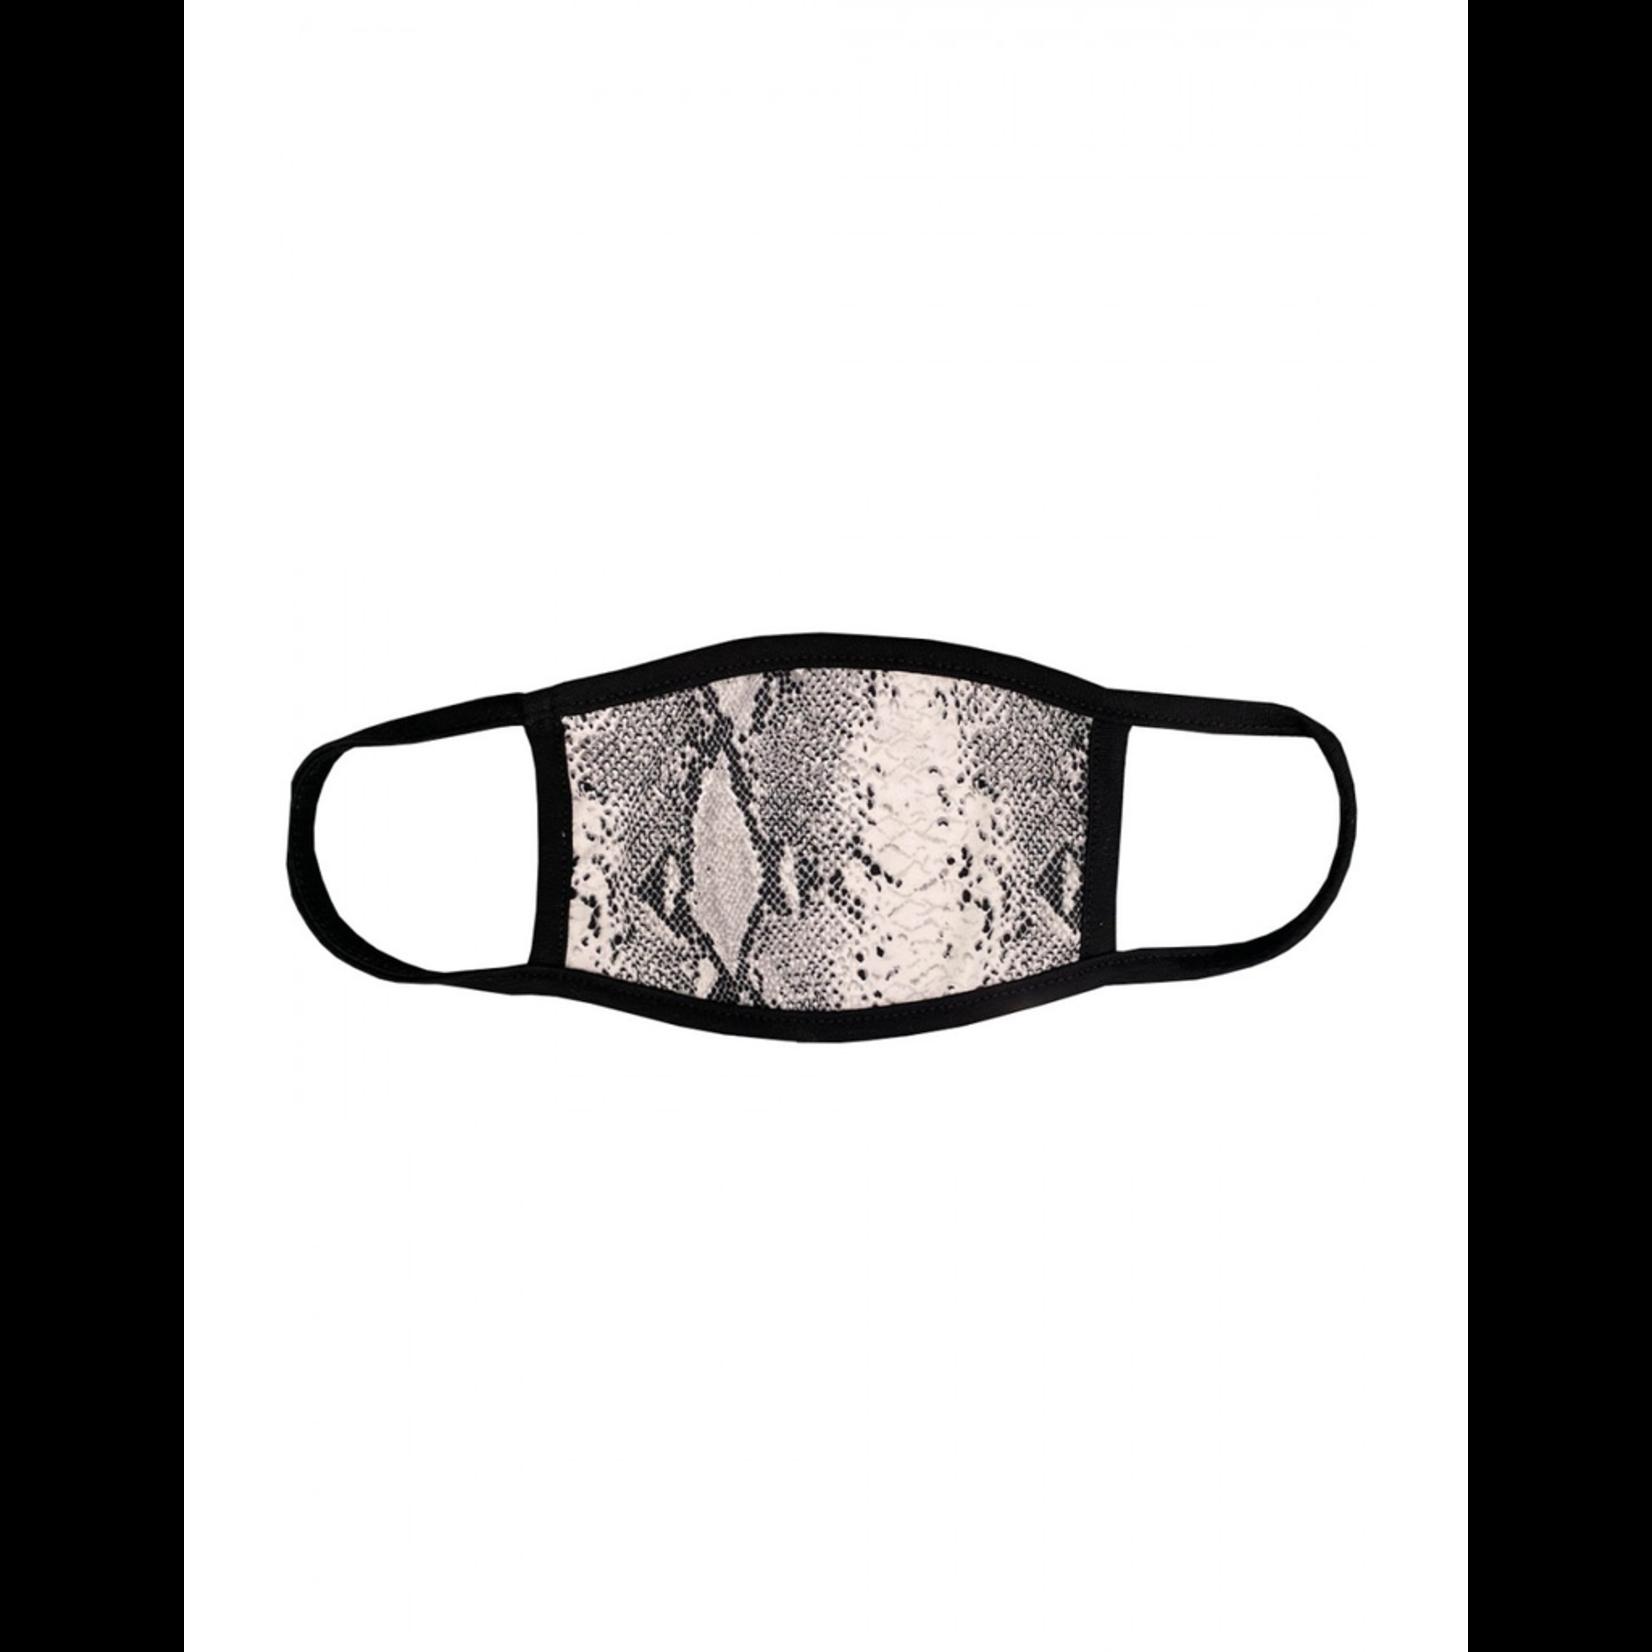 Coin 1804 Snakeskin Mask